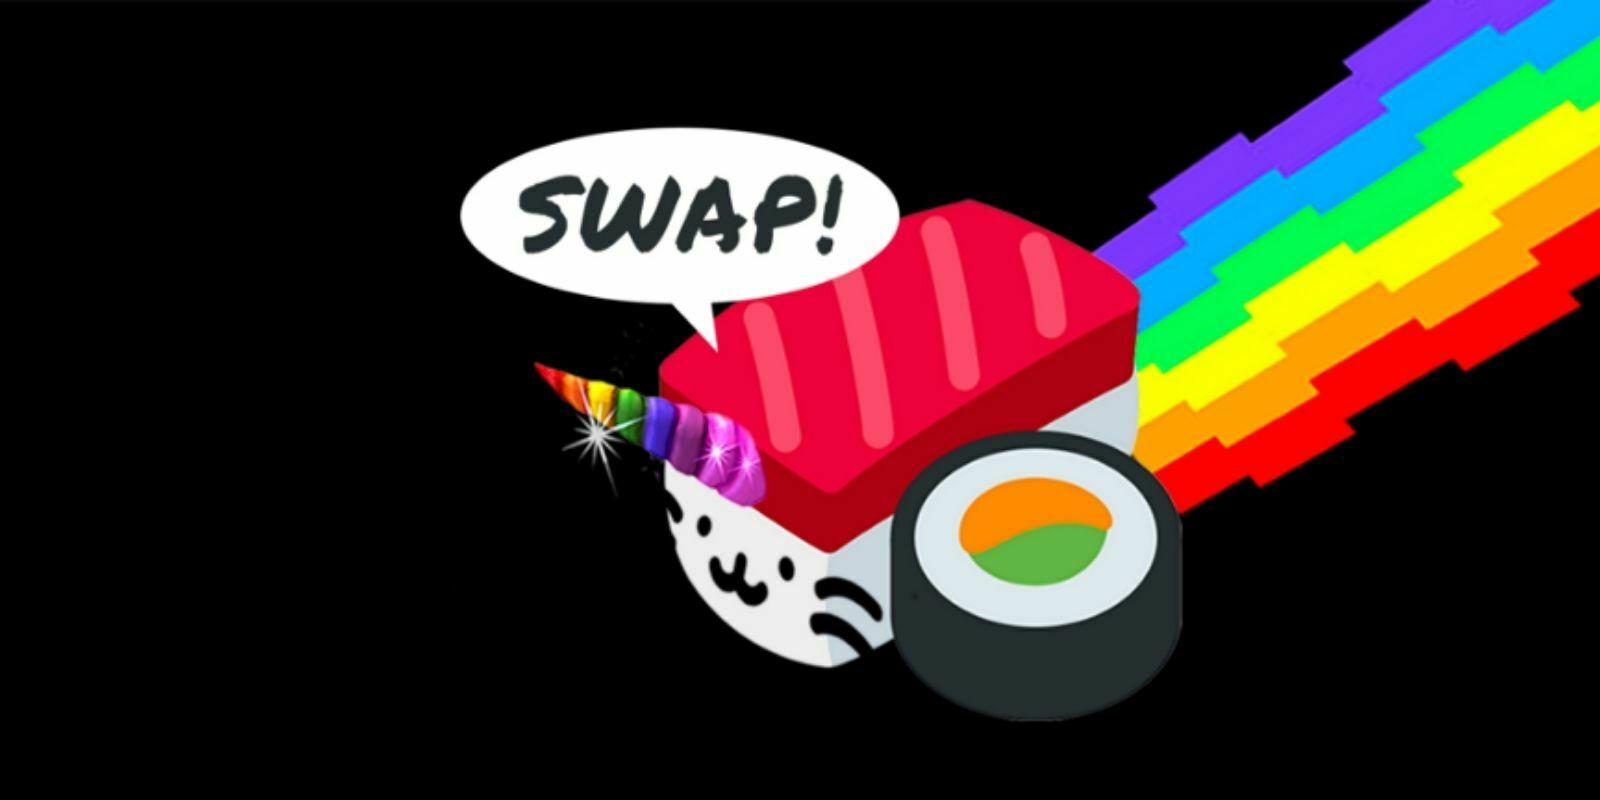 SushiSwap agité entre le mea culpa de son créateur et la dilution des gains